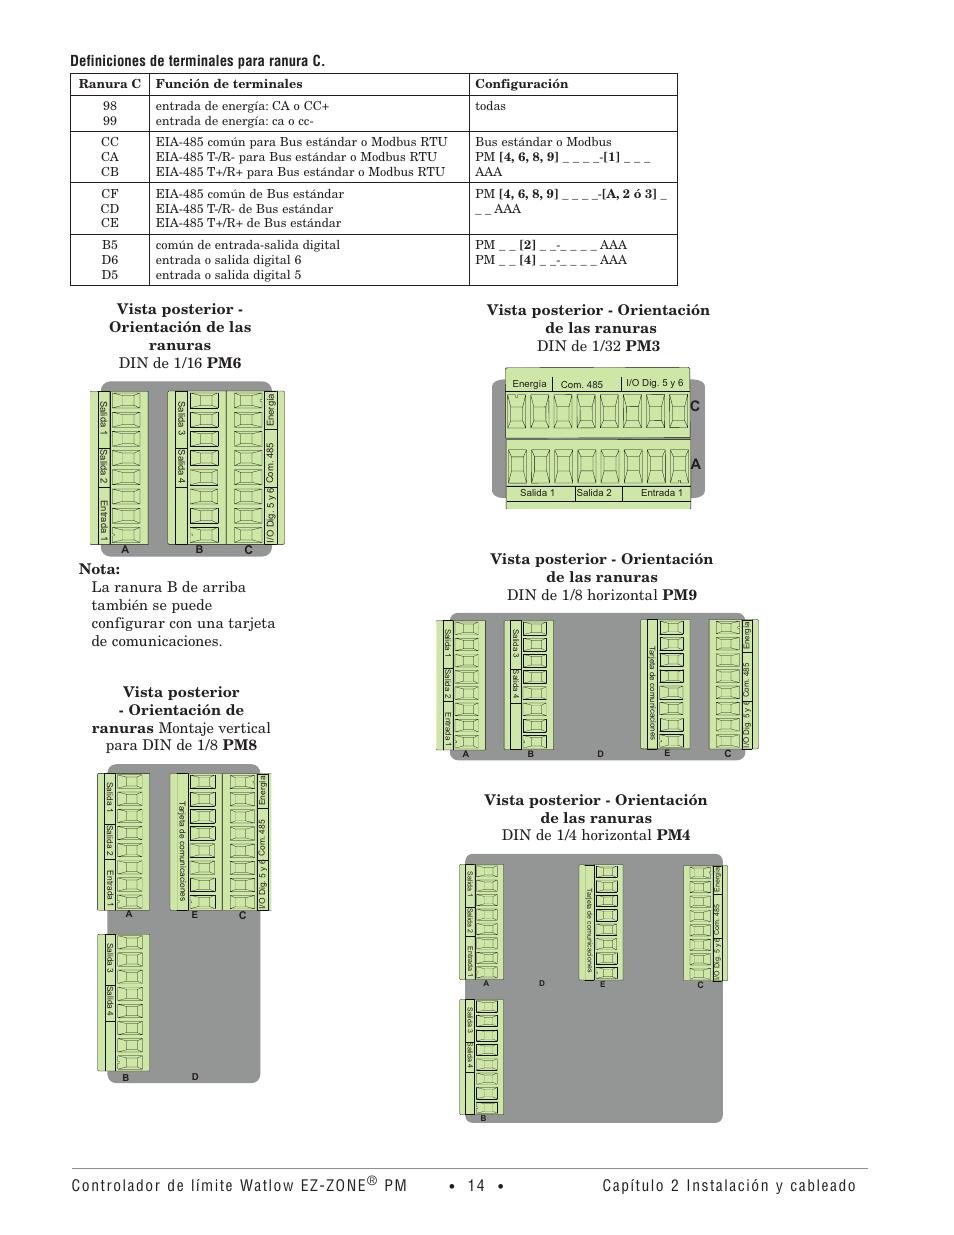 controlador de límite watlow ez zone, capítulo 2 instalación y EZ Golf Cart Wiring Diagram controlador de límite watlow ez zone, capítulo 2 instalación y cableado, definiciones de